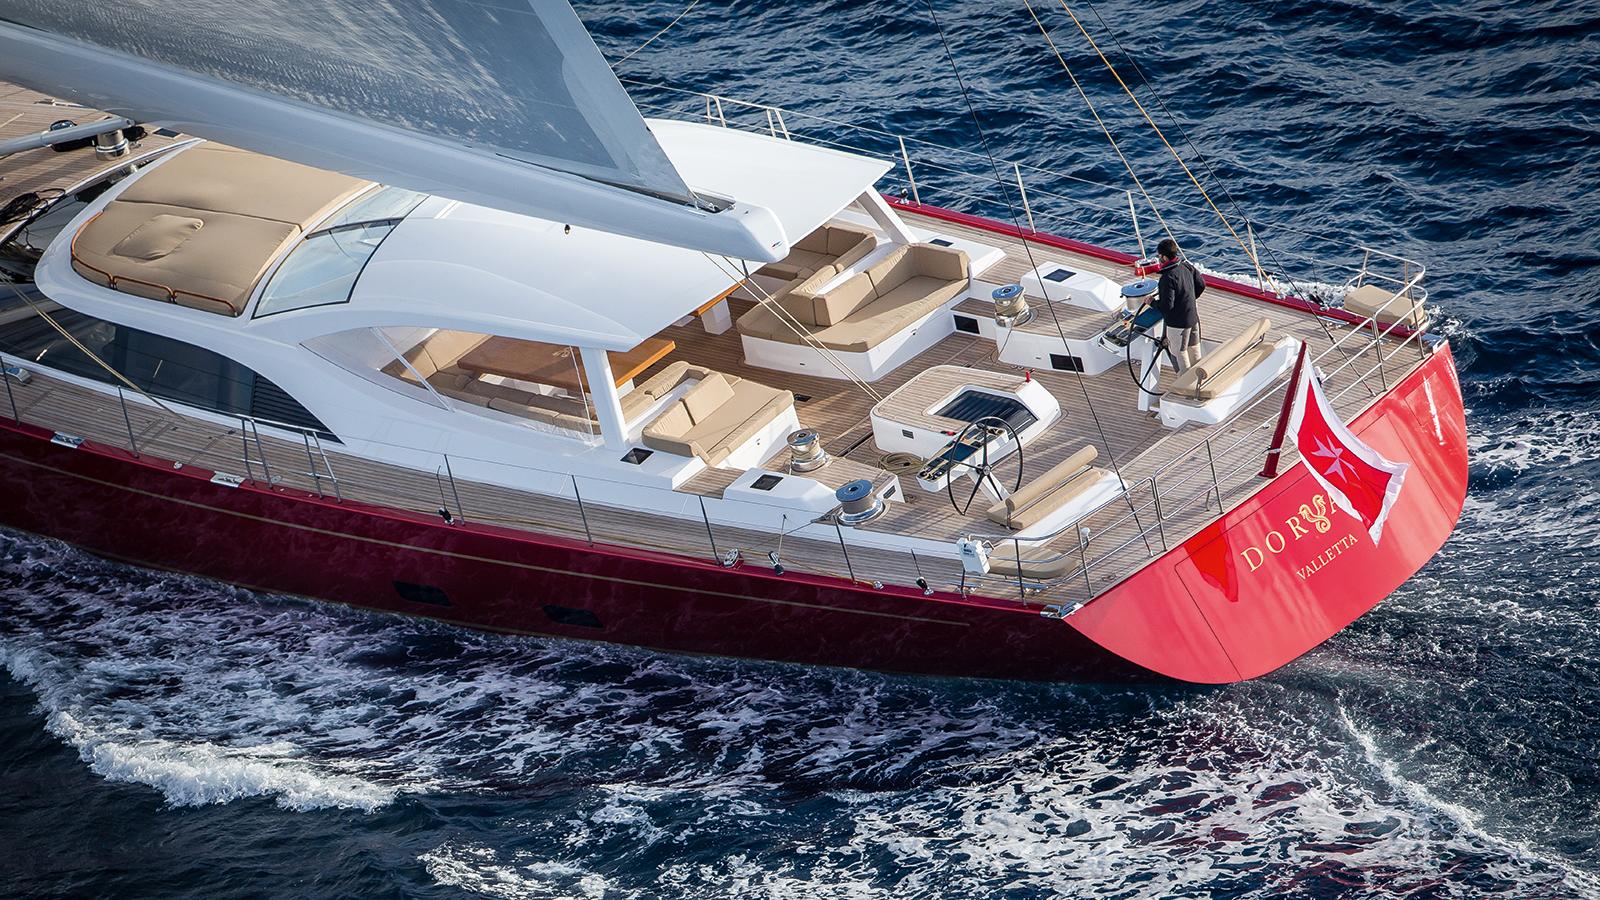 Doryan Yacht